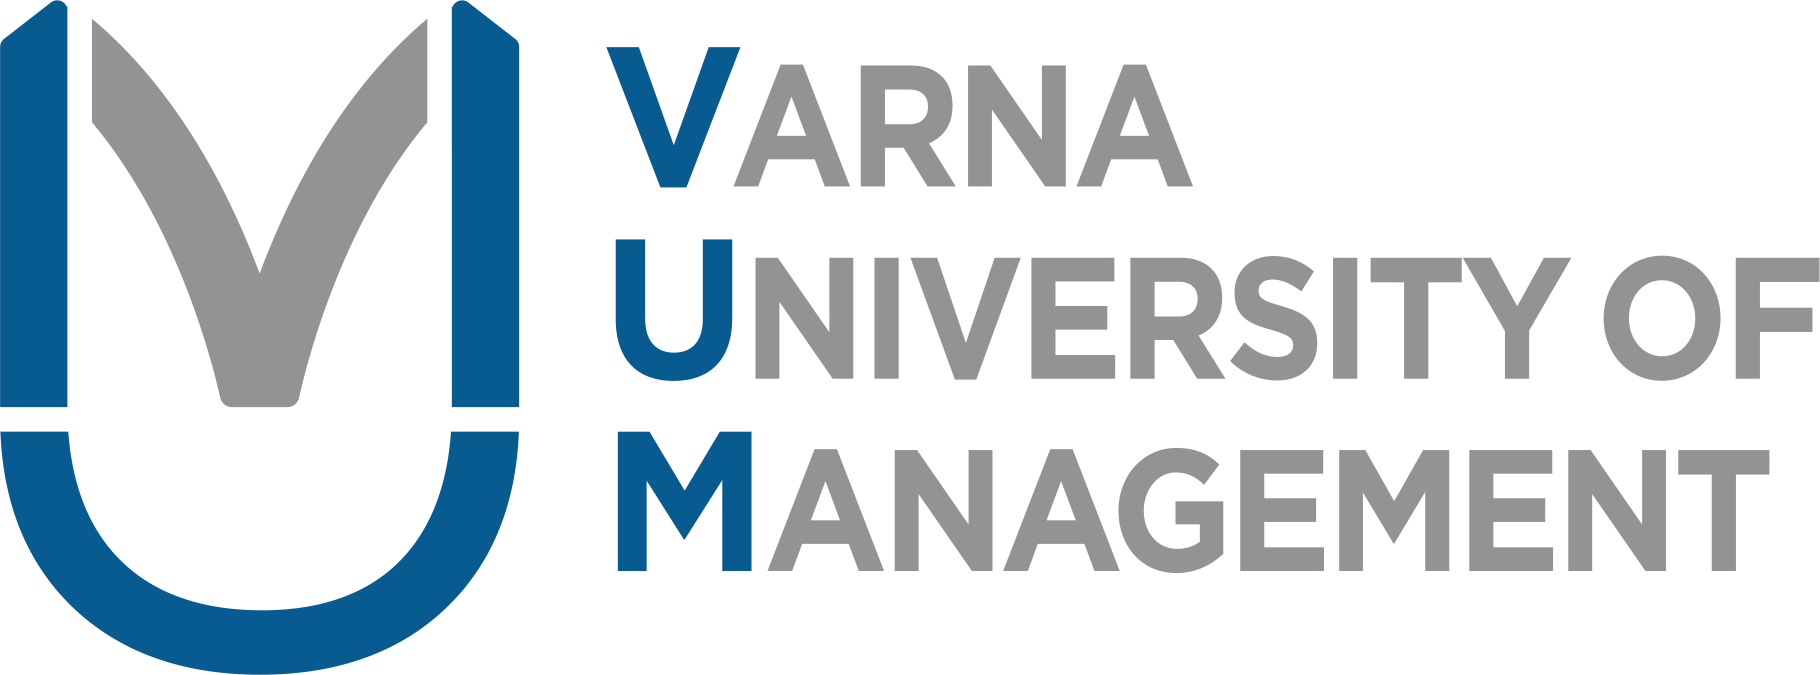 Memorandum of Understanding between BU and Varna University